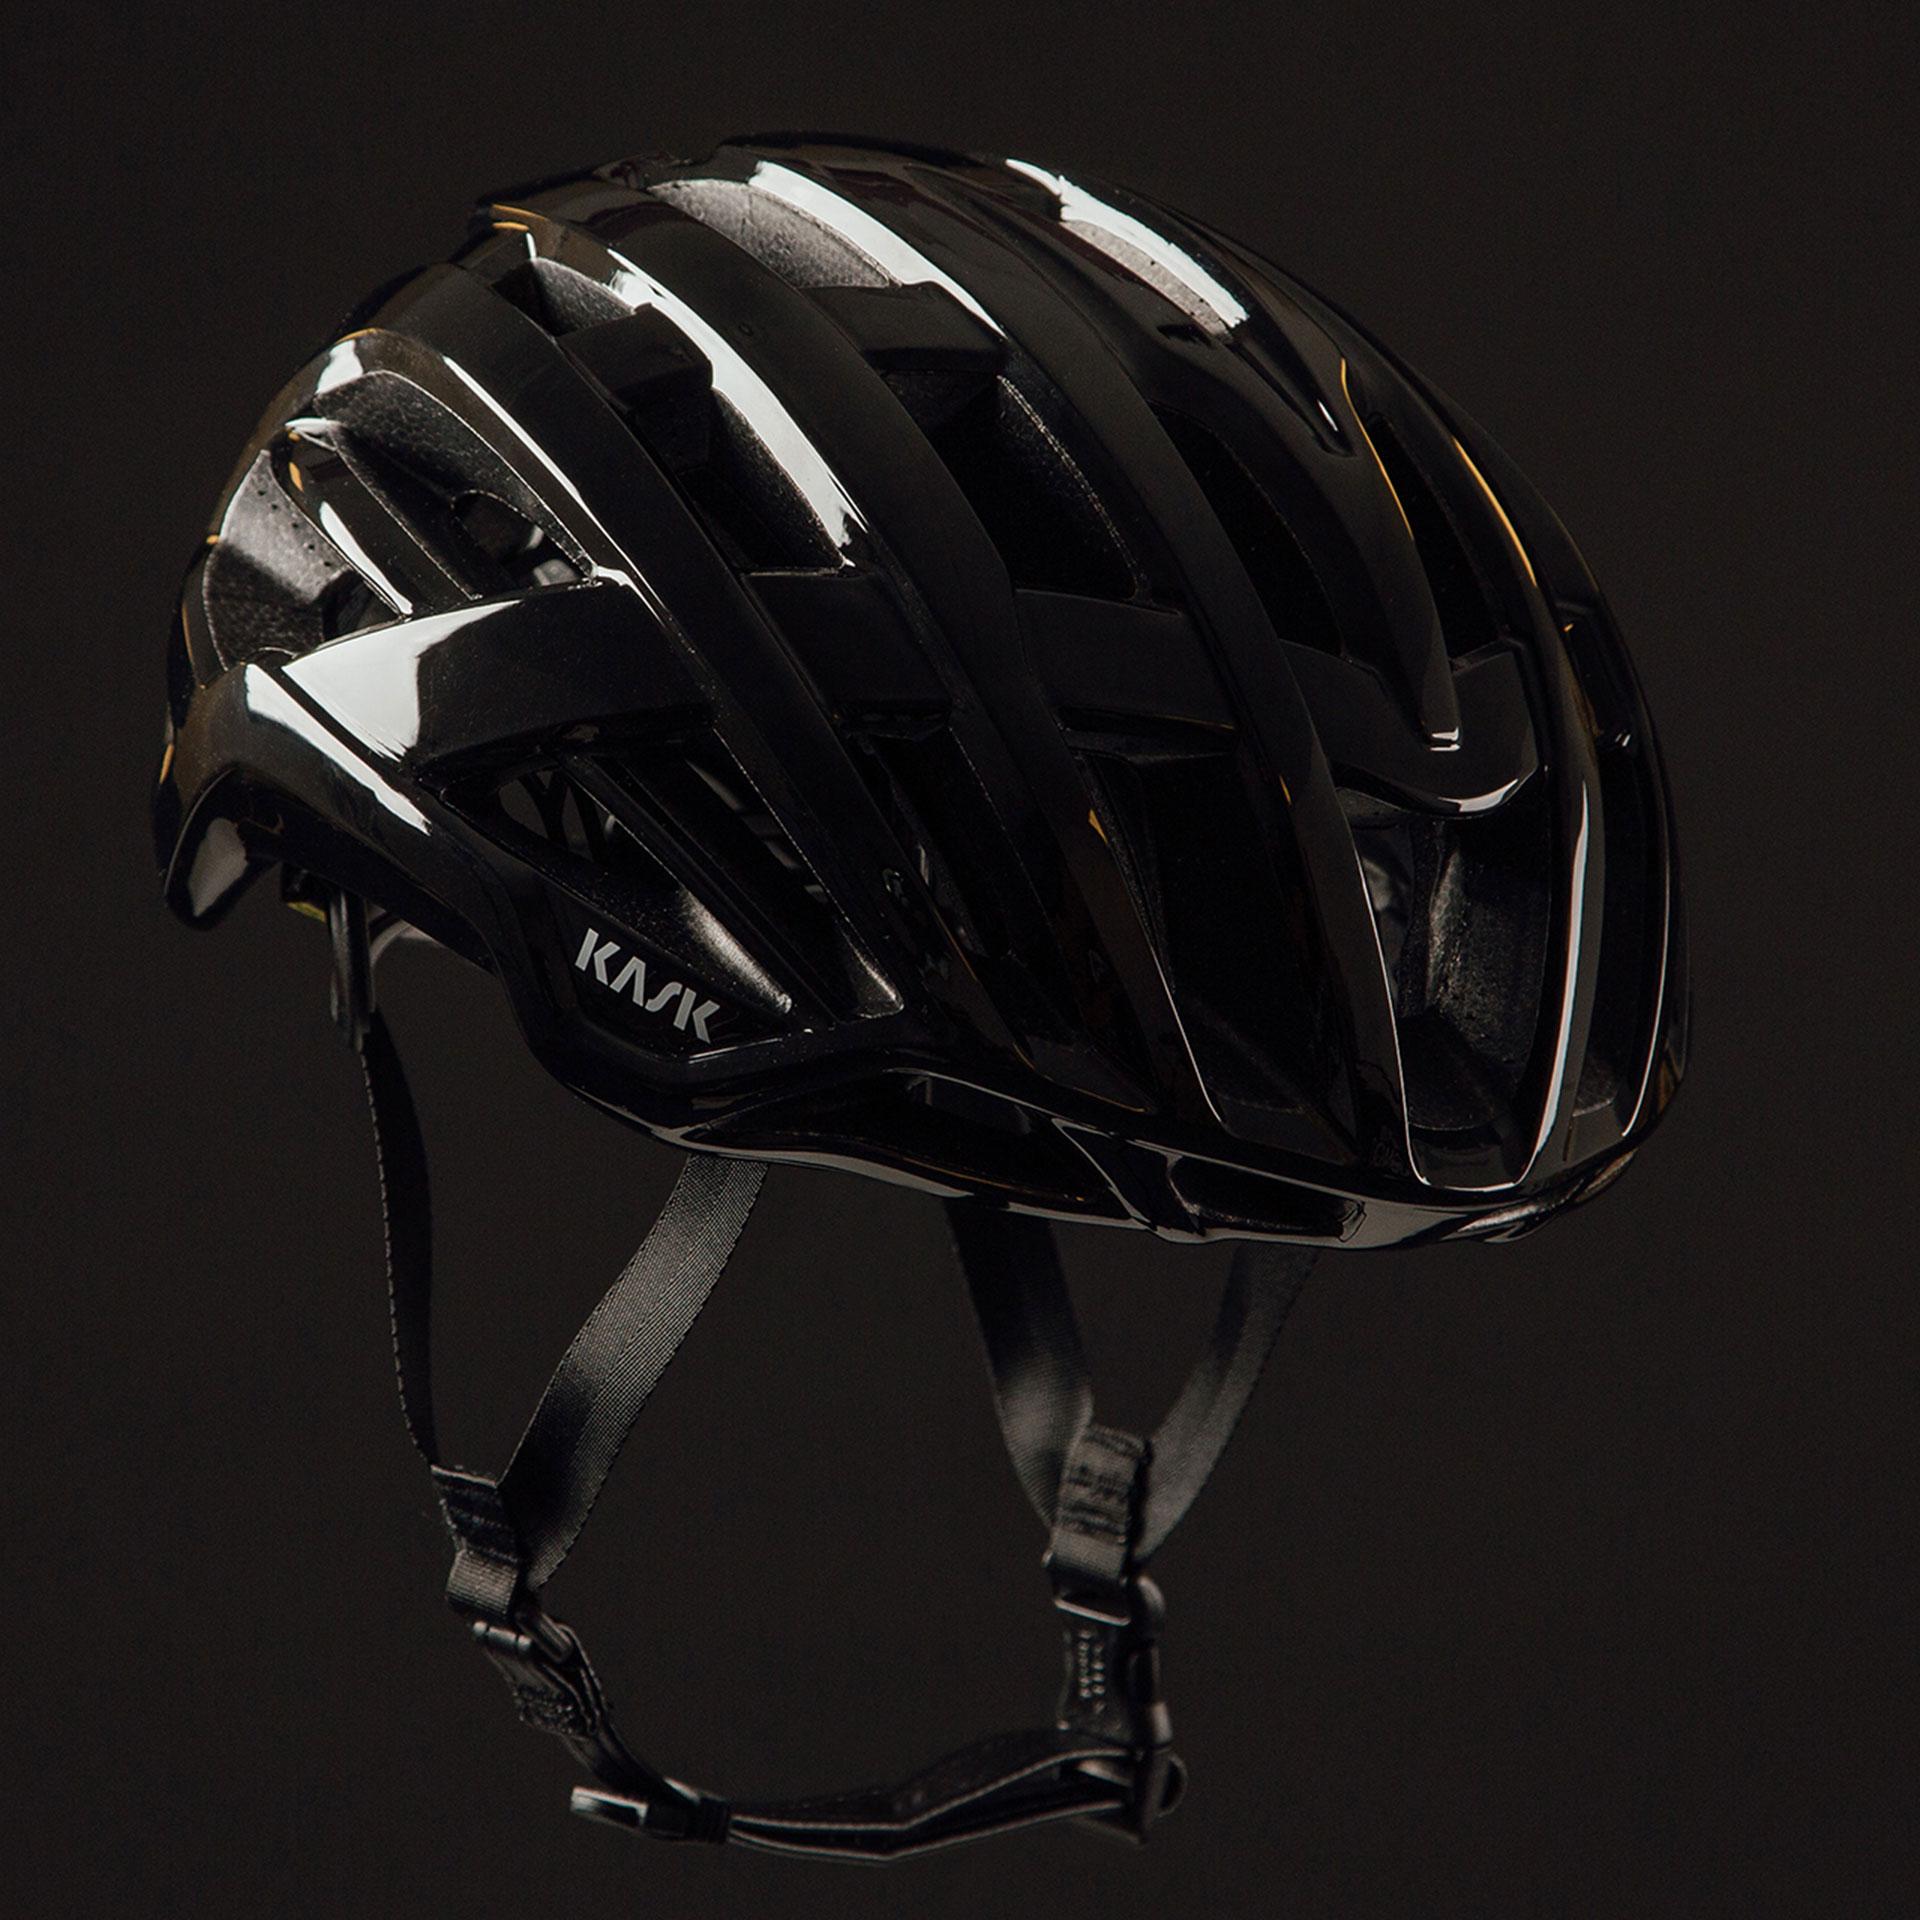 Kask Valegro MIPS Helmet